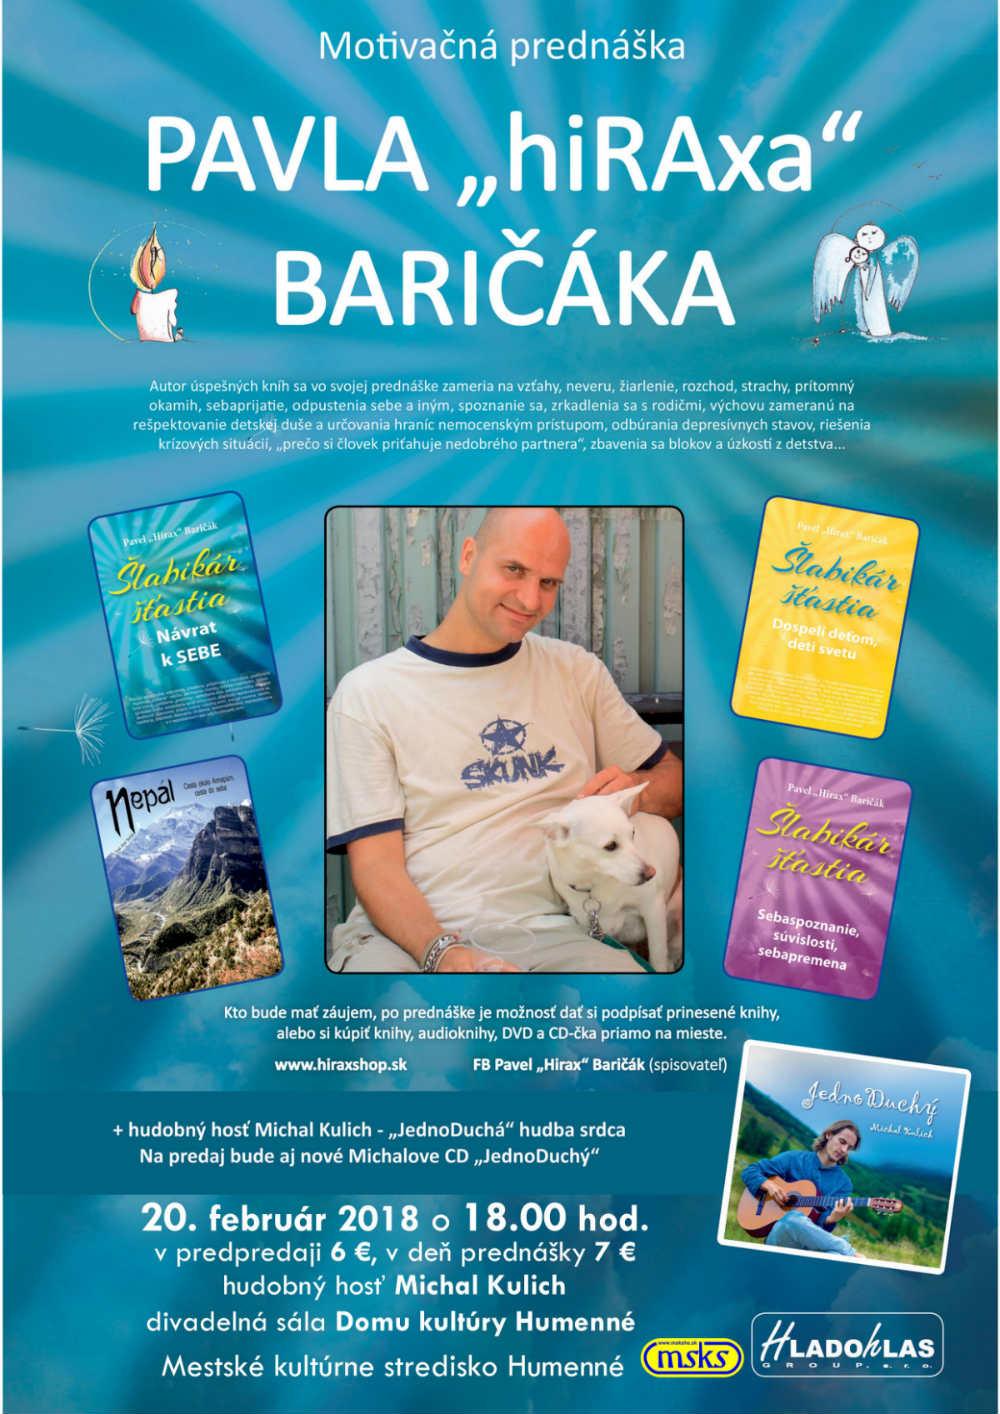 """picture motivačná prednáška """"PAVLA hiRAxa BARIČÁKA"""""""